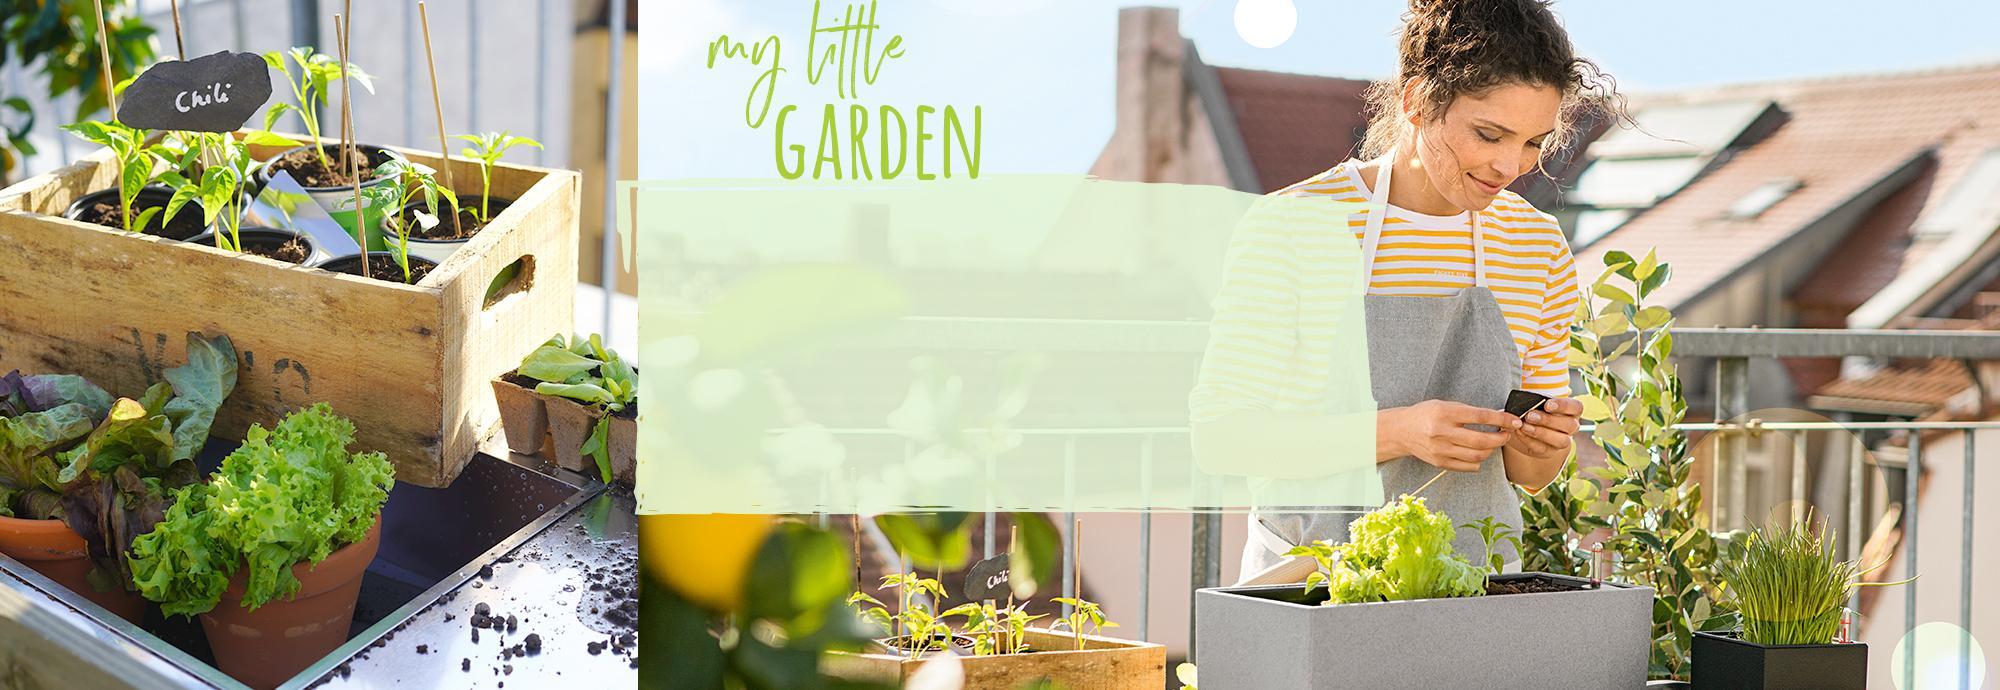 hero_banner_urban_gardening